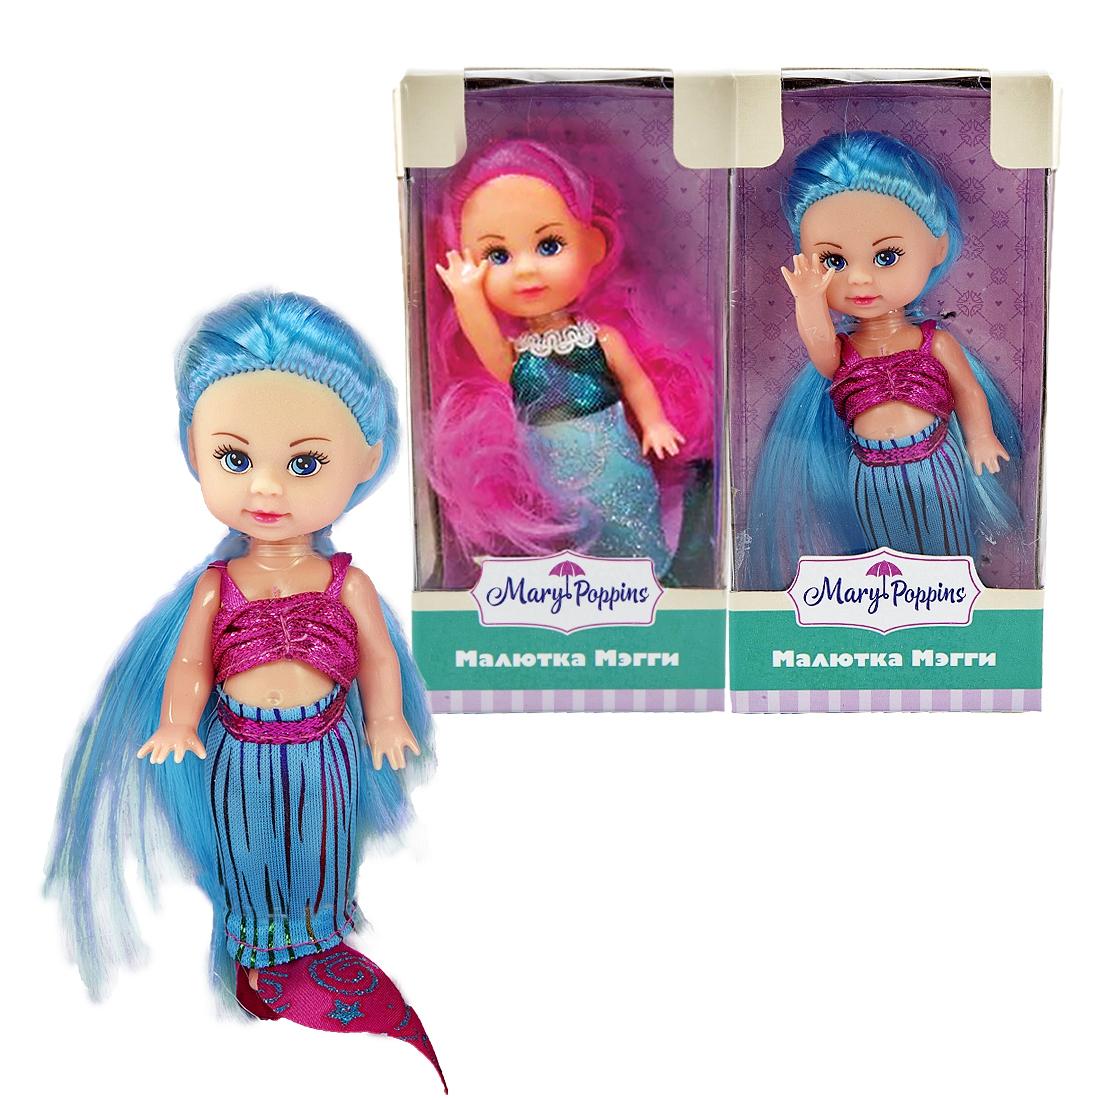 Другие куклы Mary Poppins Малютка Мэгги Русалка